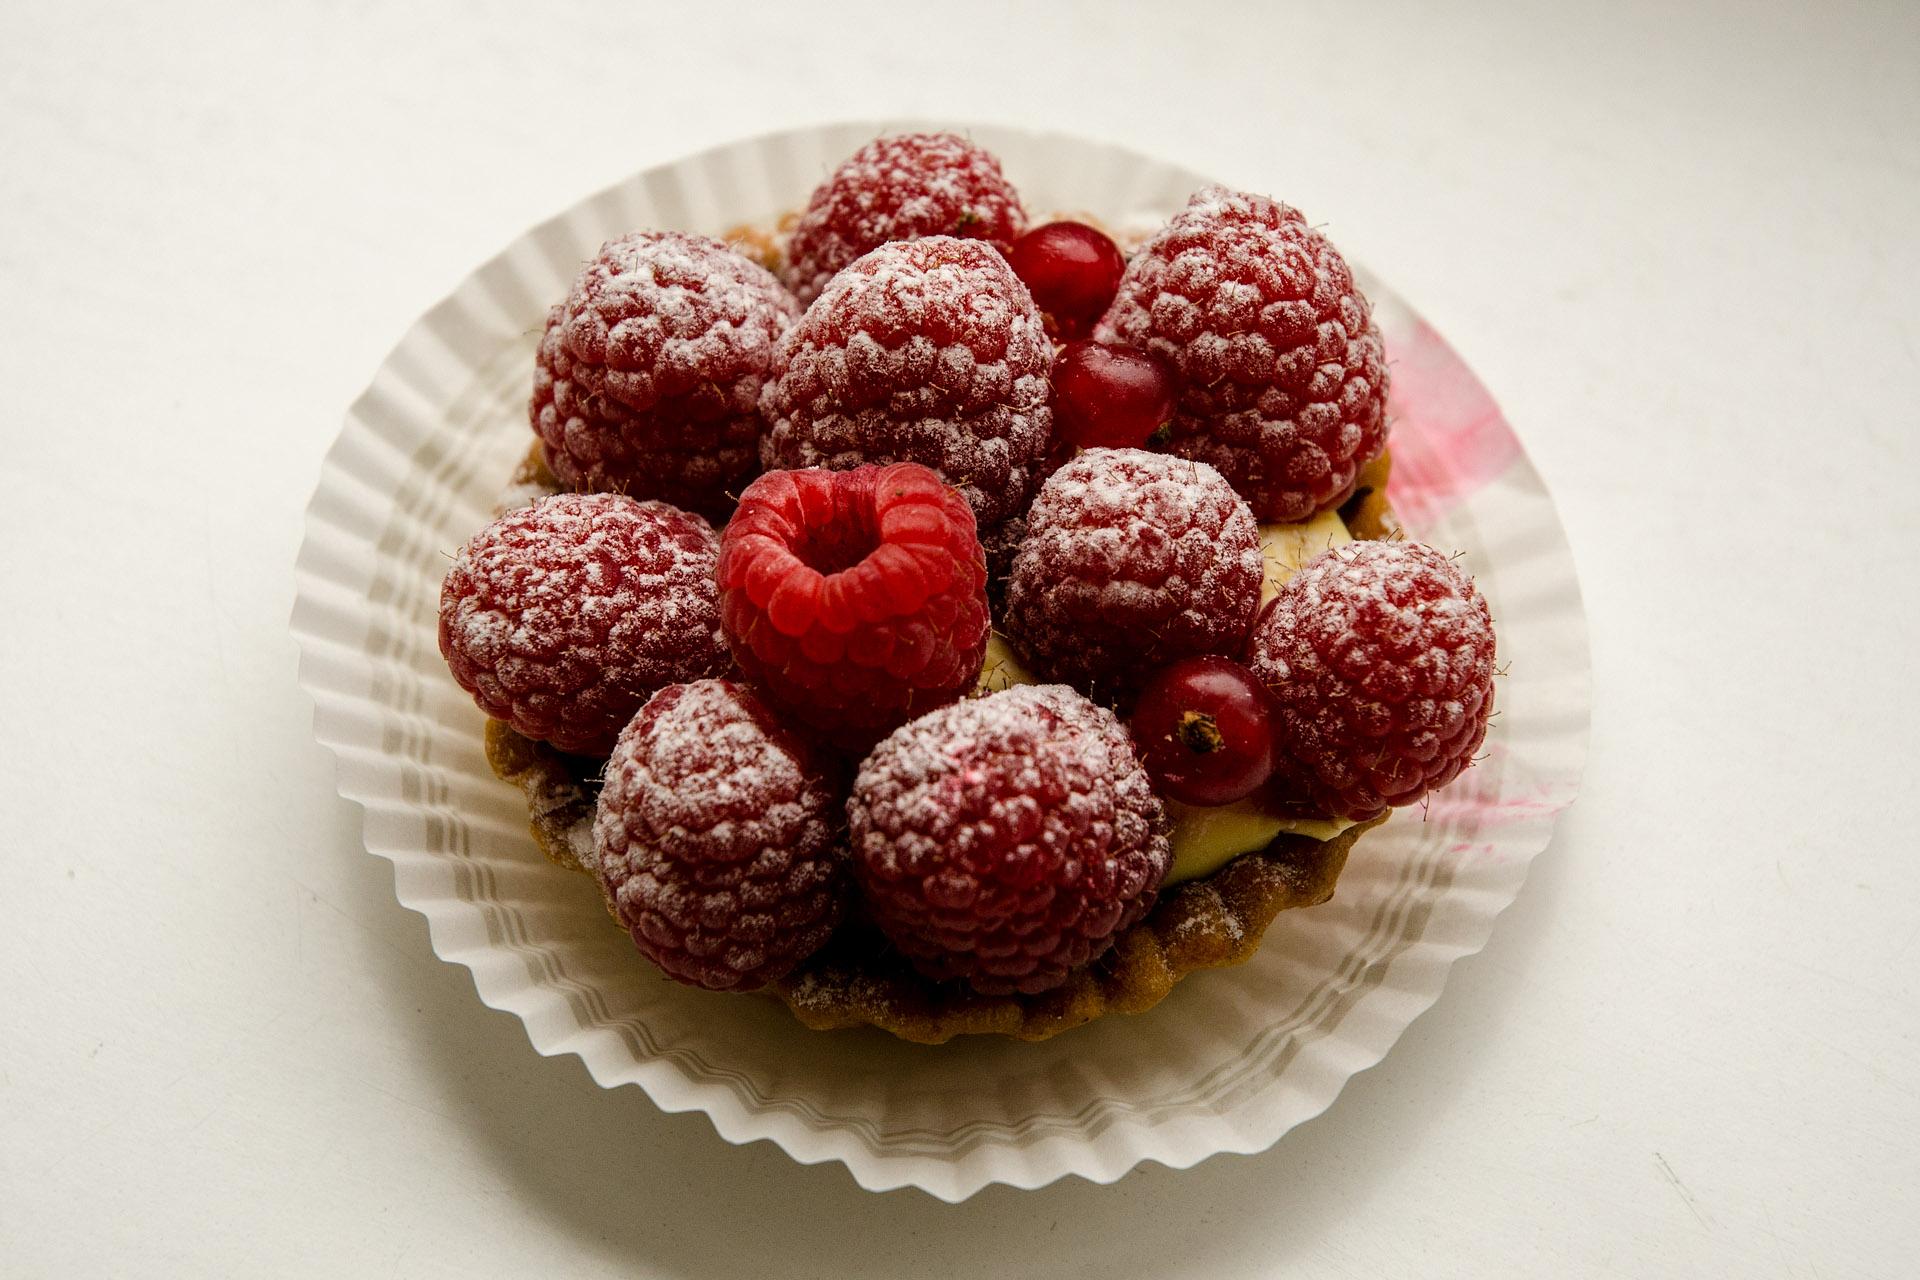 Raspberry & vanilla cream tart